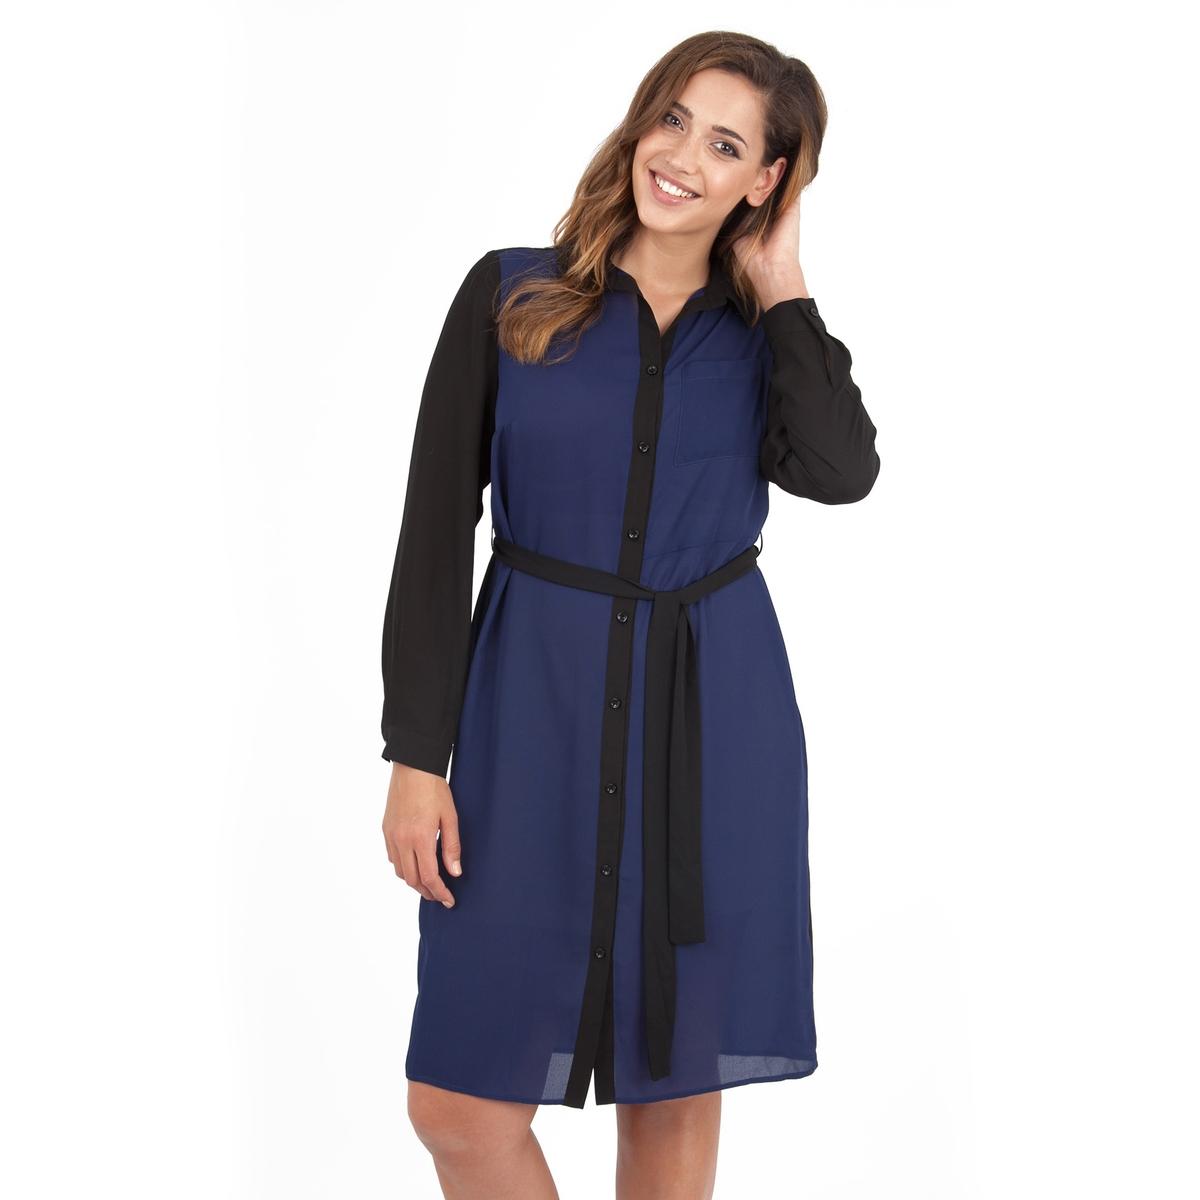 ПлатьеПлатье с длинными рукавами - LOVEDROBE. Красивое платье-рубашка с ремнем на поясе. Длина ок.104 см. 100% полиэстера.<br><br>Цвет: темно-синий + черный